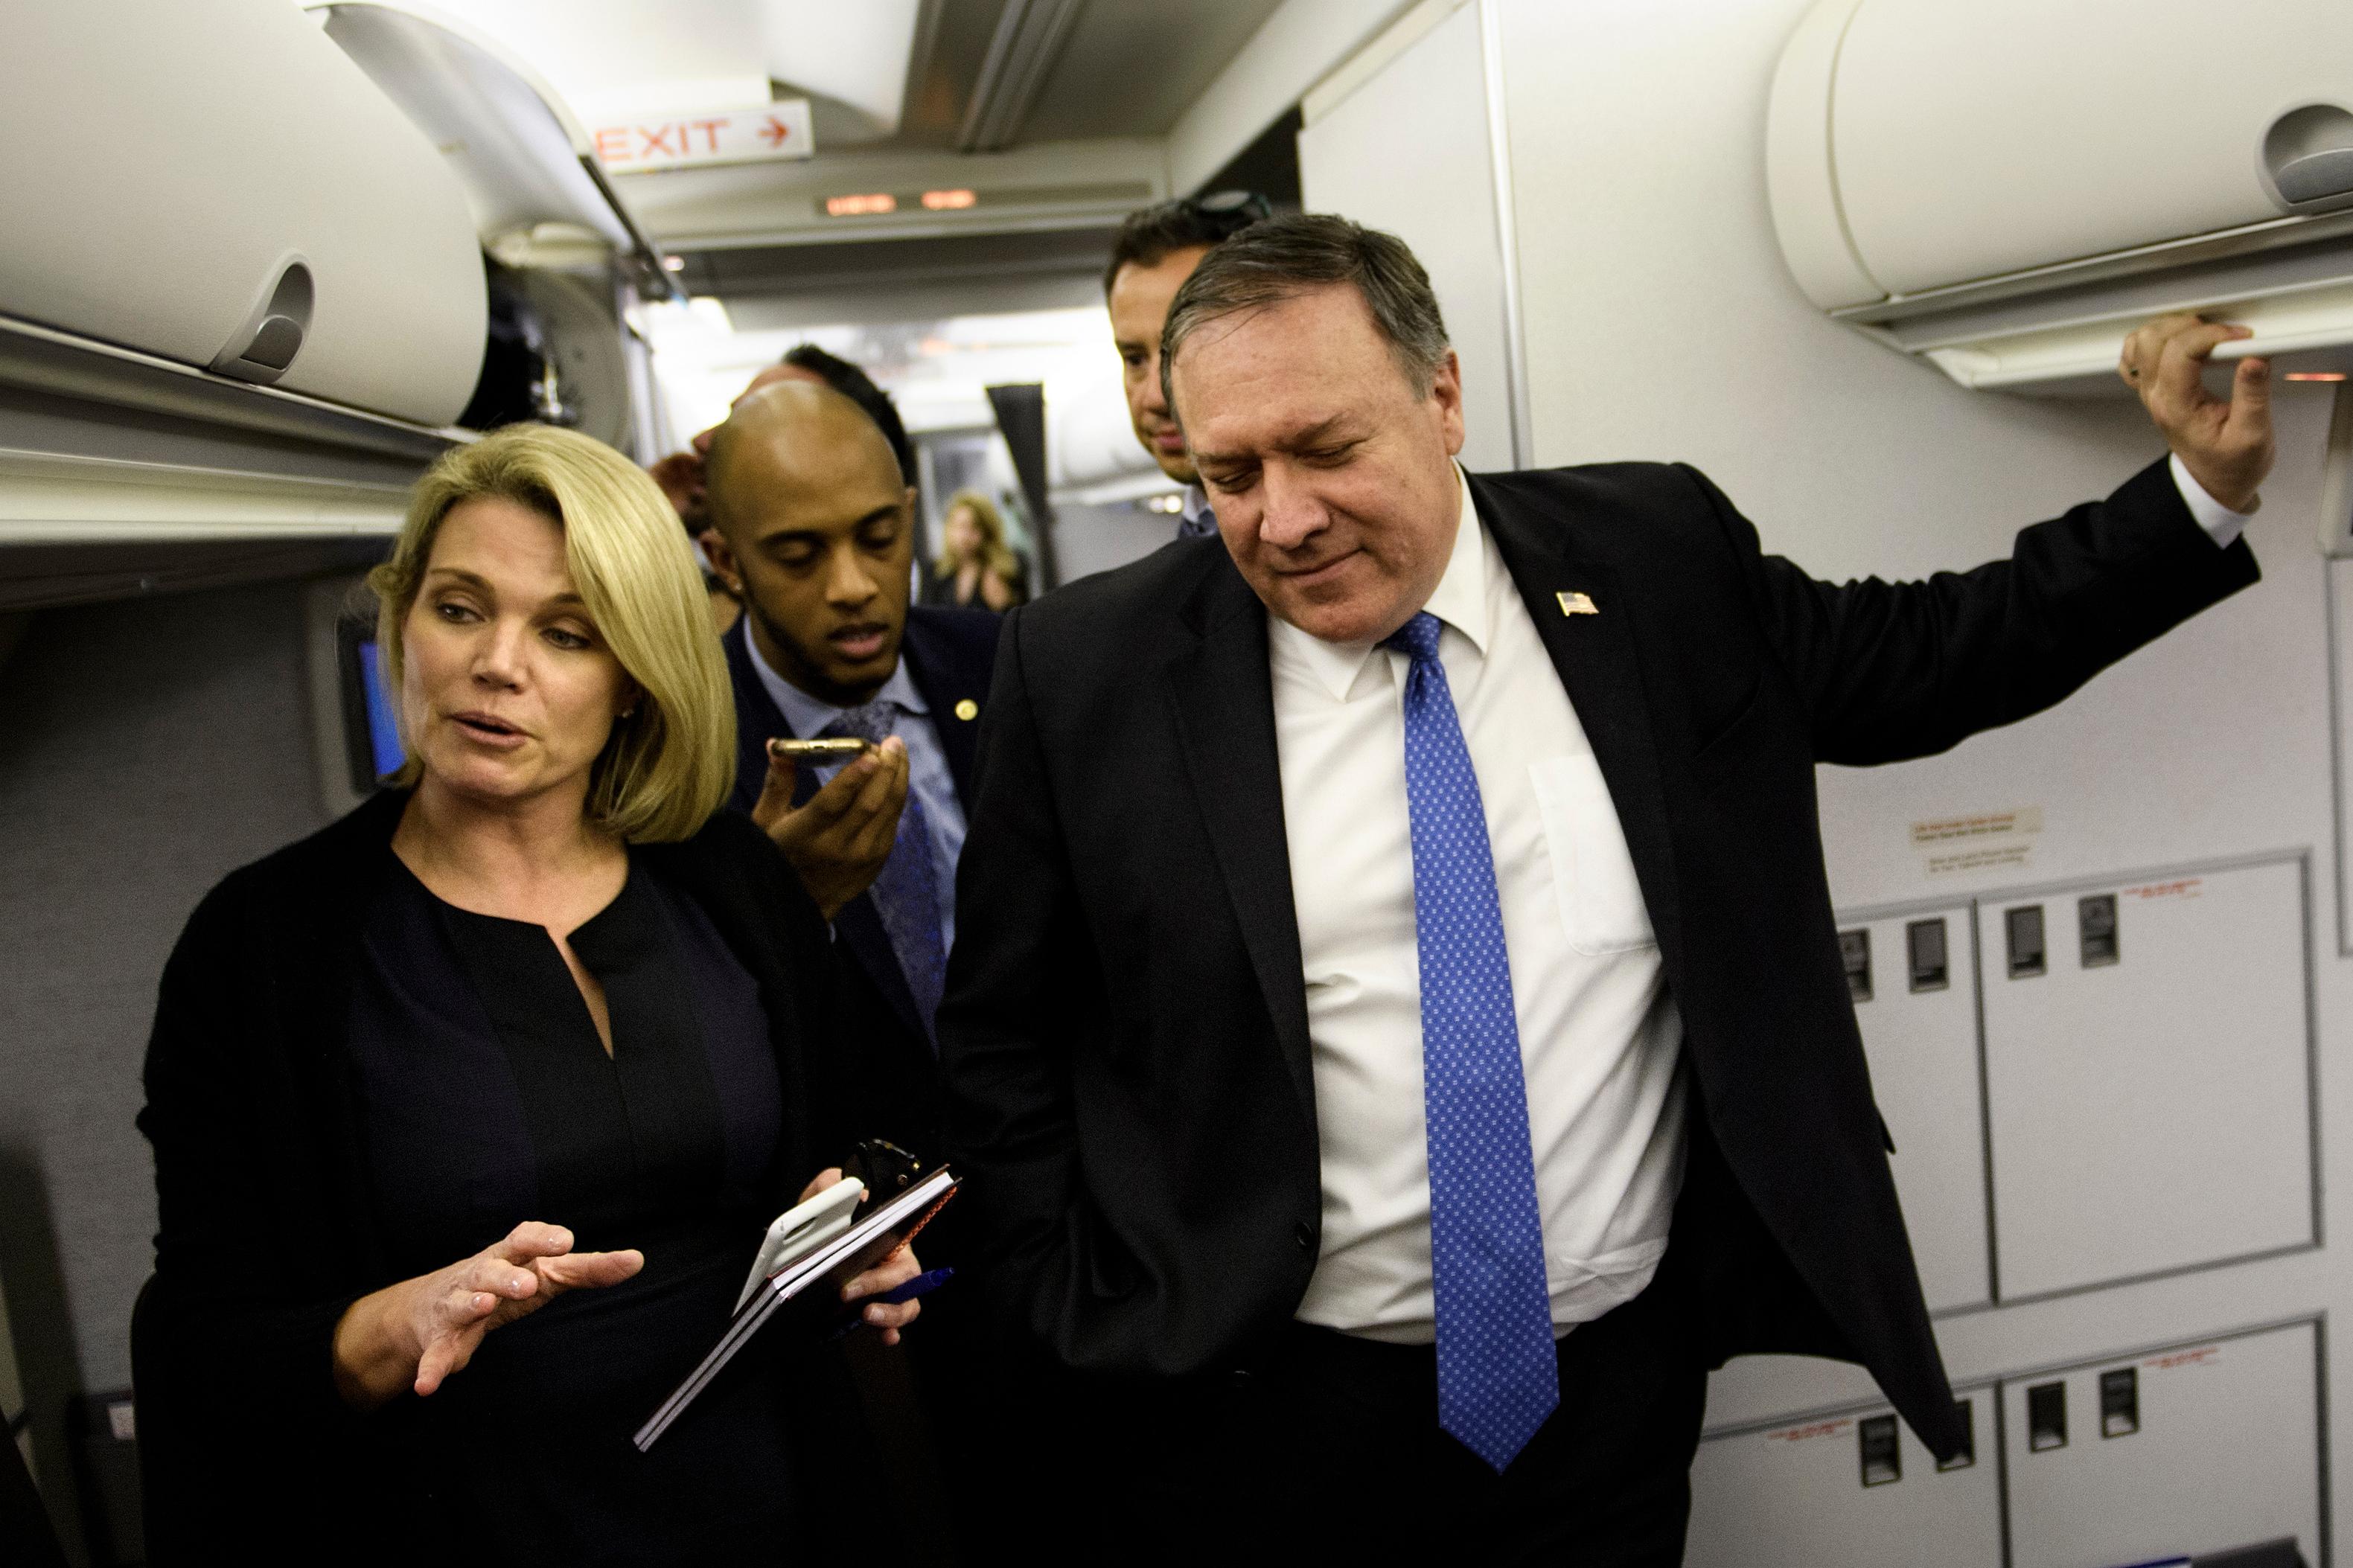 هيذر ناورت بجانب وزير الخارجية مايك بومبيو تستمع إلى الصحفيين